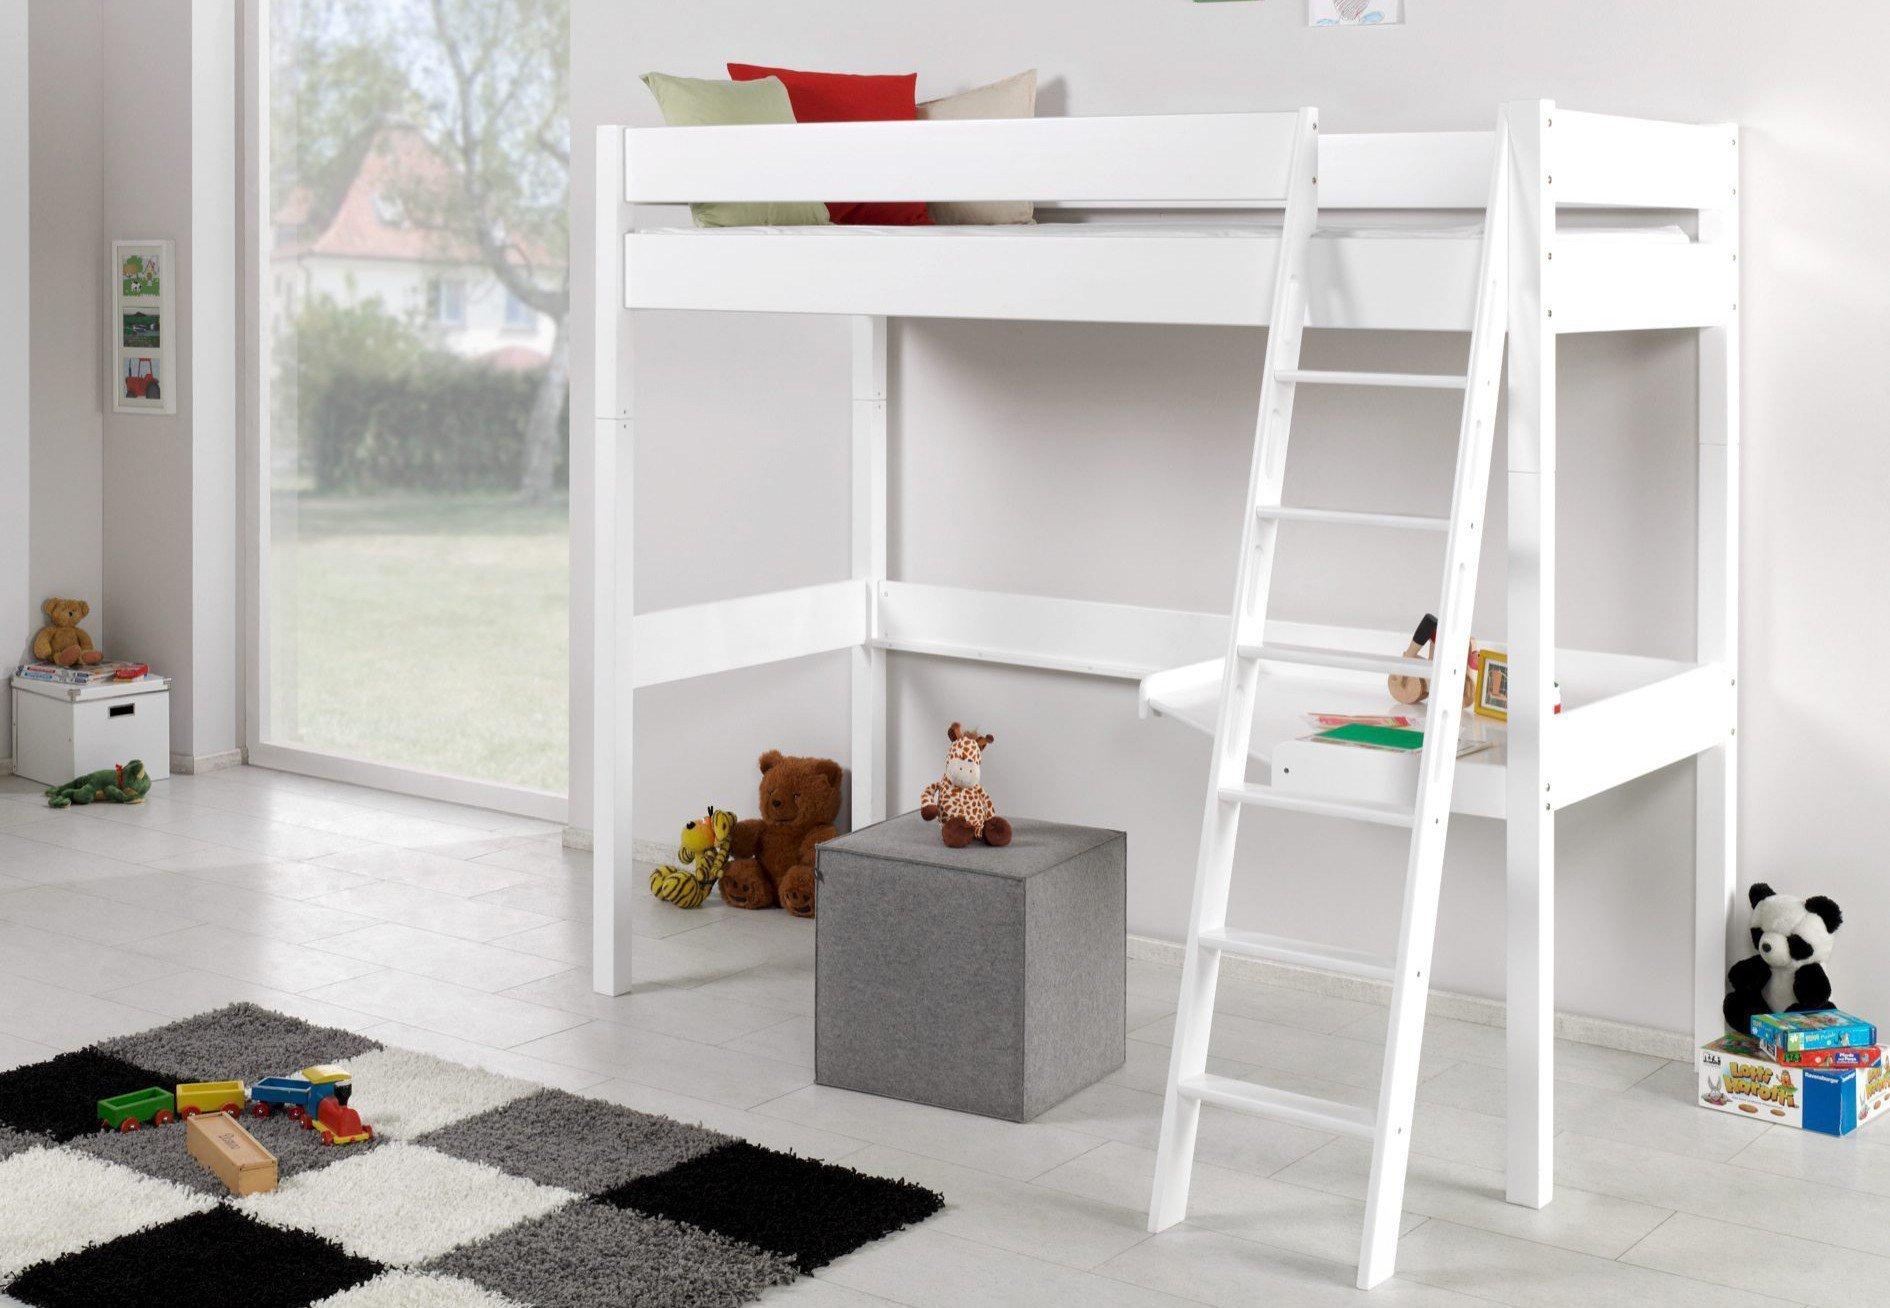 relita renate hochbett buche wei lackiert m bel letz ihr online shop. Black Bedroom Furniture Sets. Home Design Ideas